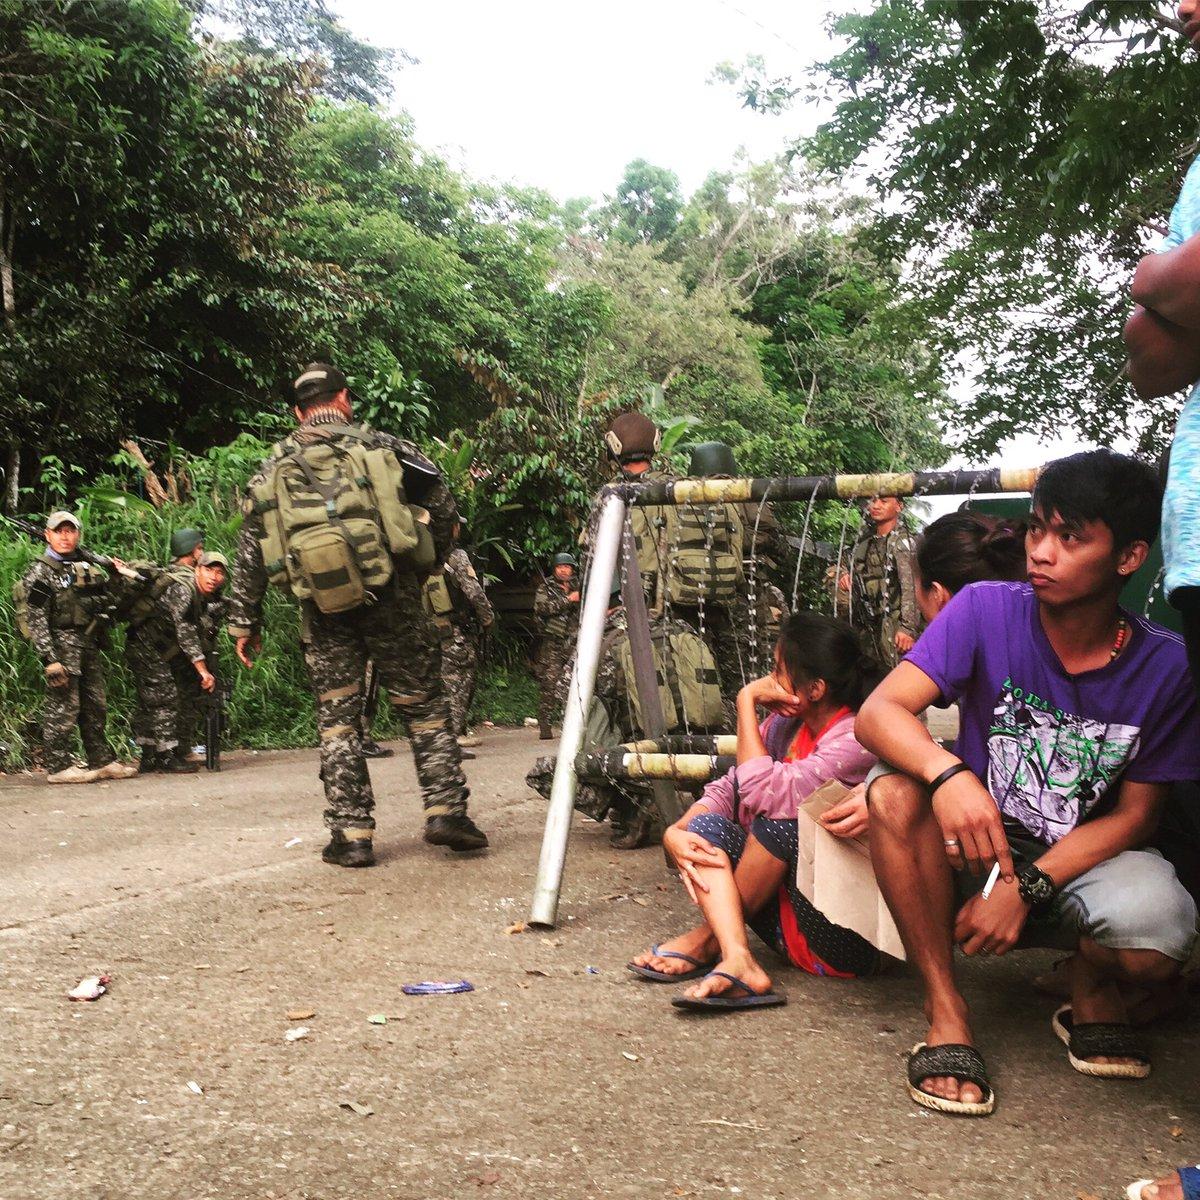 ΕΚΤΑΚΤΟ – Χαλέπι Νο 2 στις Ν.Φιλιππίνες – Εκλιπαρεί τον Β.Πούτιν για βοήθεια ο Ρ.Ντουτέρτε: «Δέχομαι εισβολή τζιχαντιστών από όλες τις χώρες του κόσμου» -Υψώθηκαν σημαίες του ISIS – Αγριες συγκρούσεις και αποκεφαλισμοί – Δείτε βίντεο - Εικόνα13